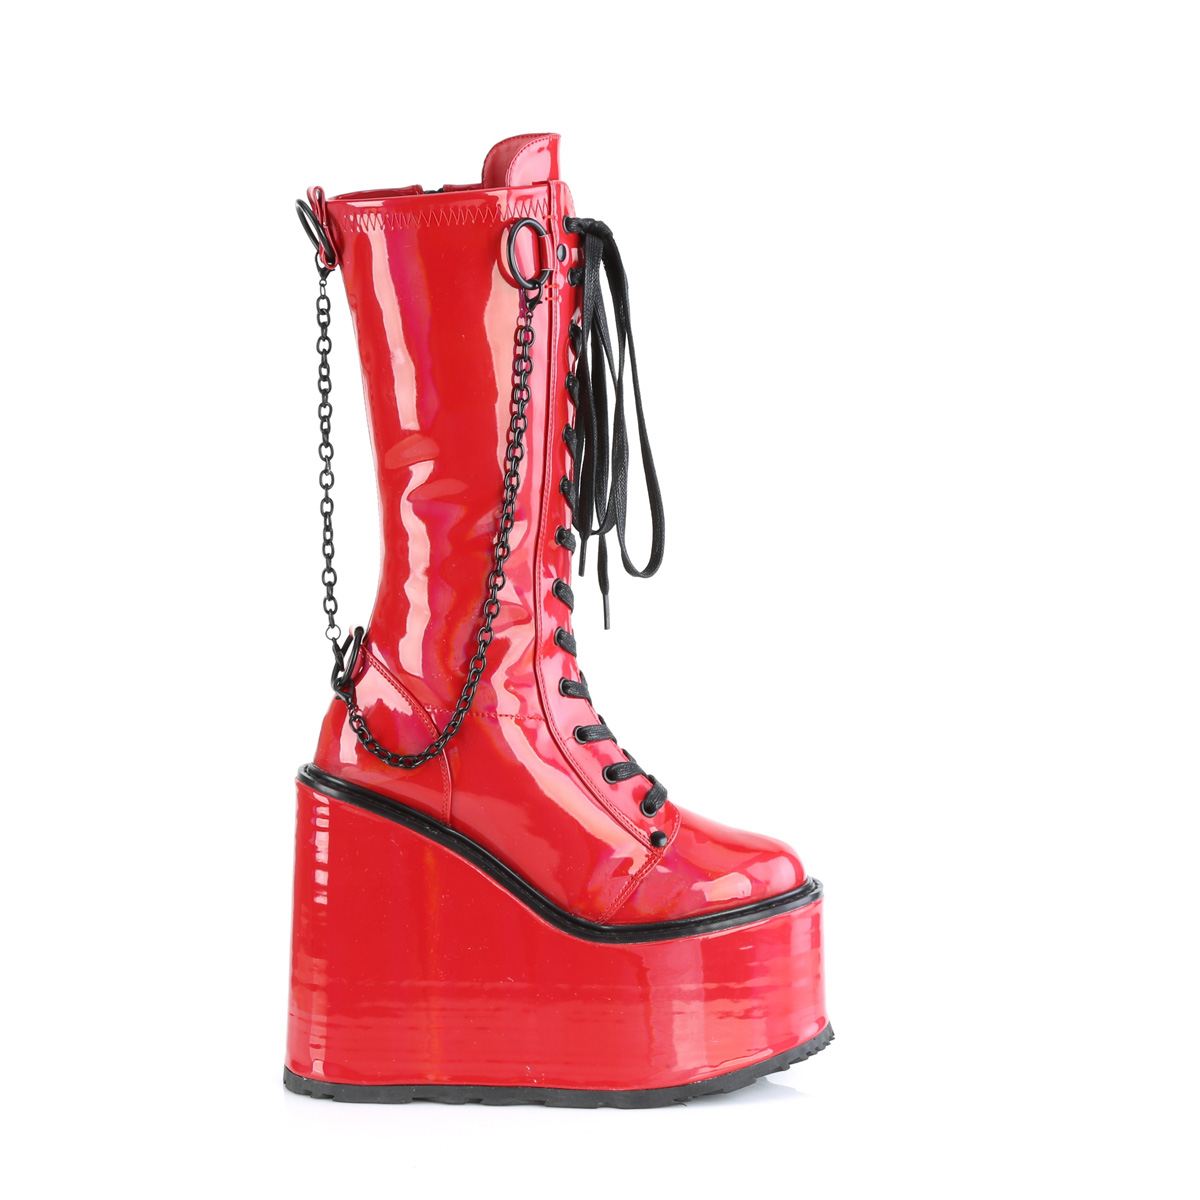 Demonia(デモニア) SWING-150 厚底ミドルブーツ チェーン飾り サイドZIP エナメル赤◆取り寄せ